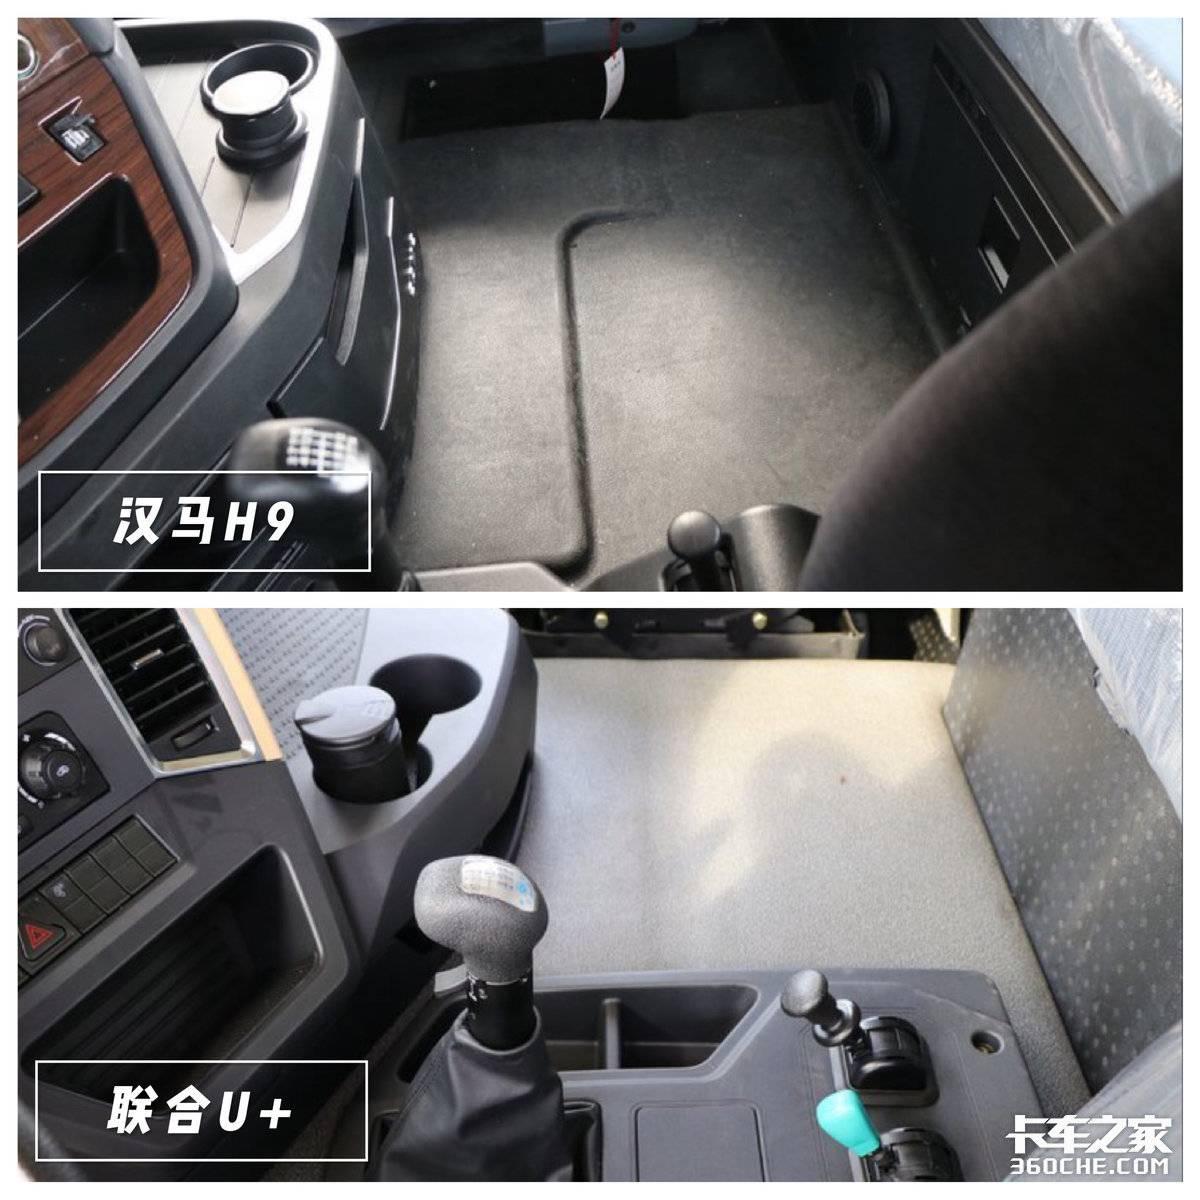 想跑水泥粉罐运输华菱汉马H9和联合U+重卡怎么选